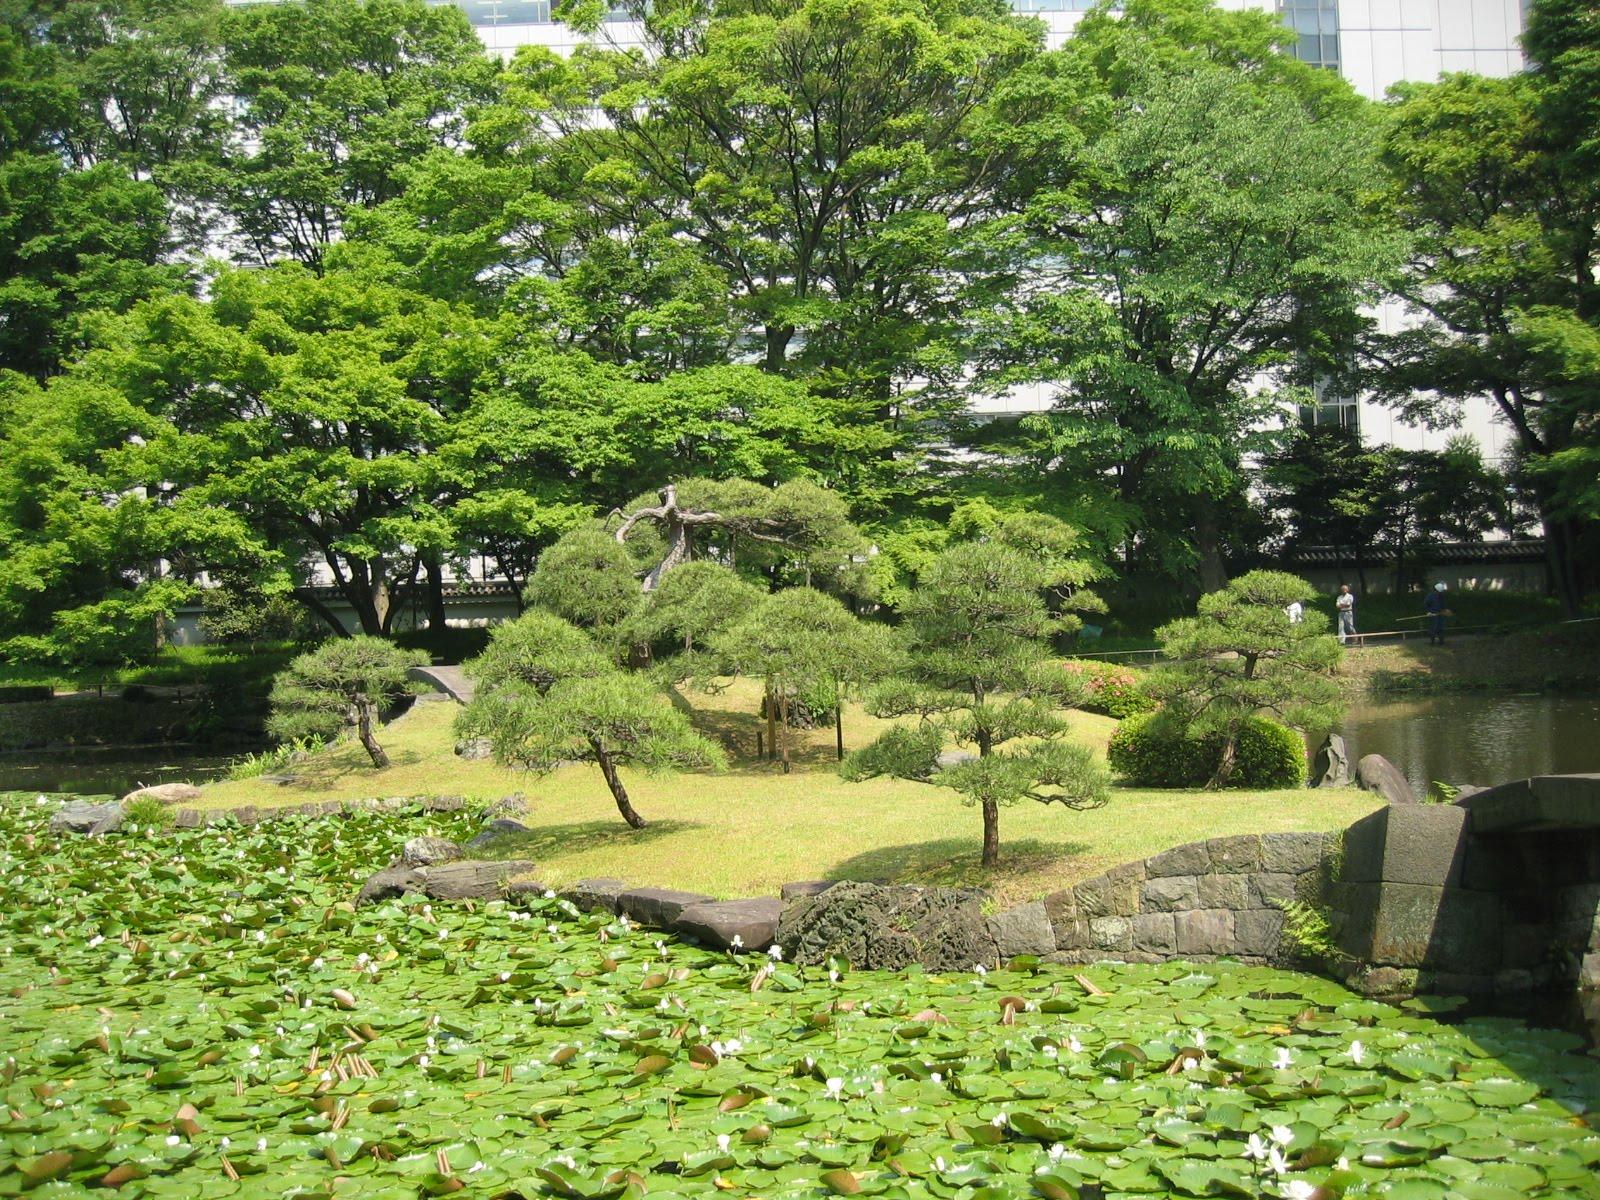 Matsu bonsai le mus e d 39 estampe et le jardin de for Le jardin korakuen